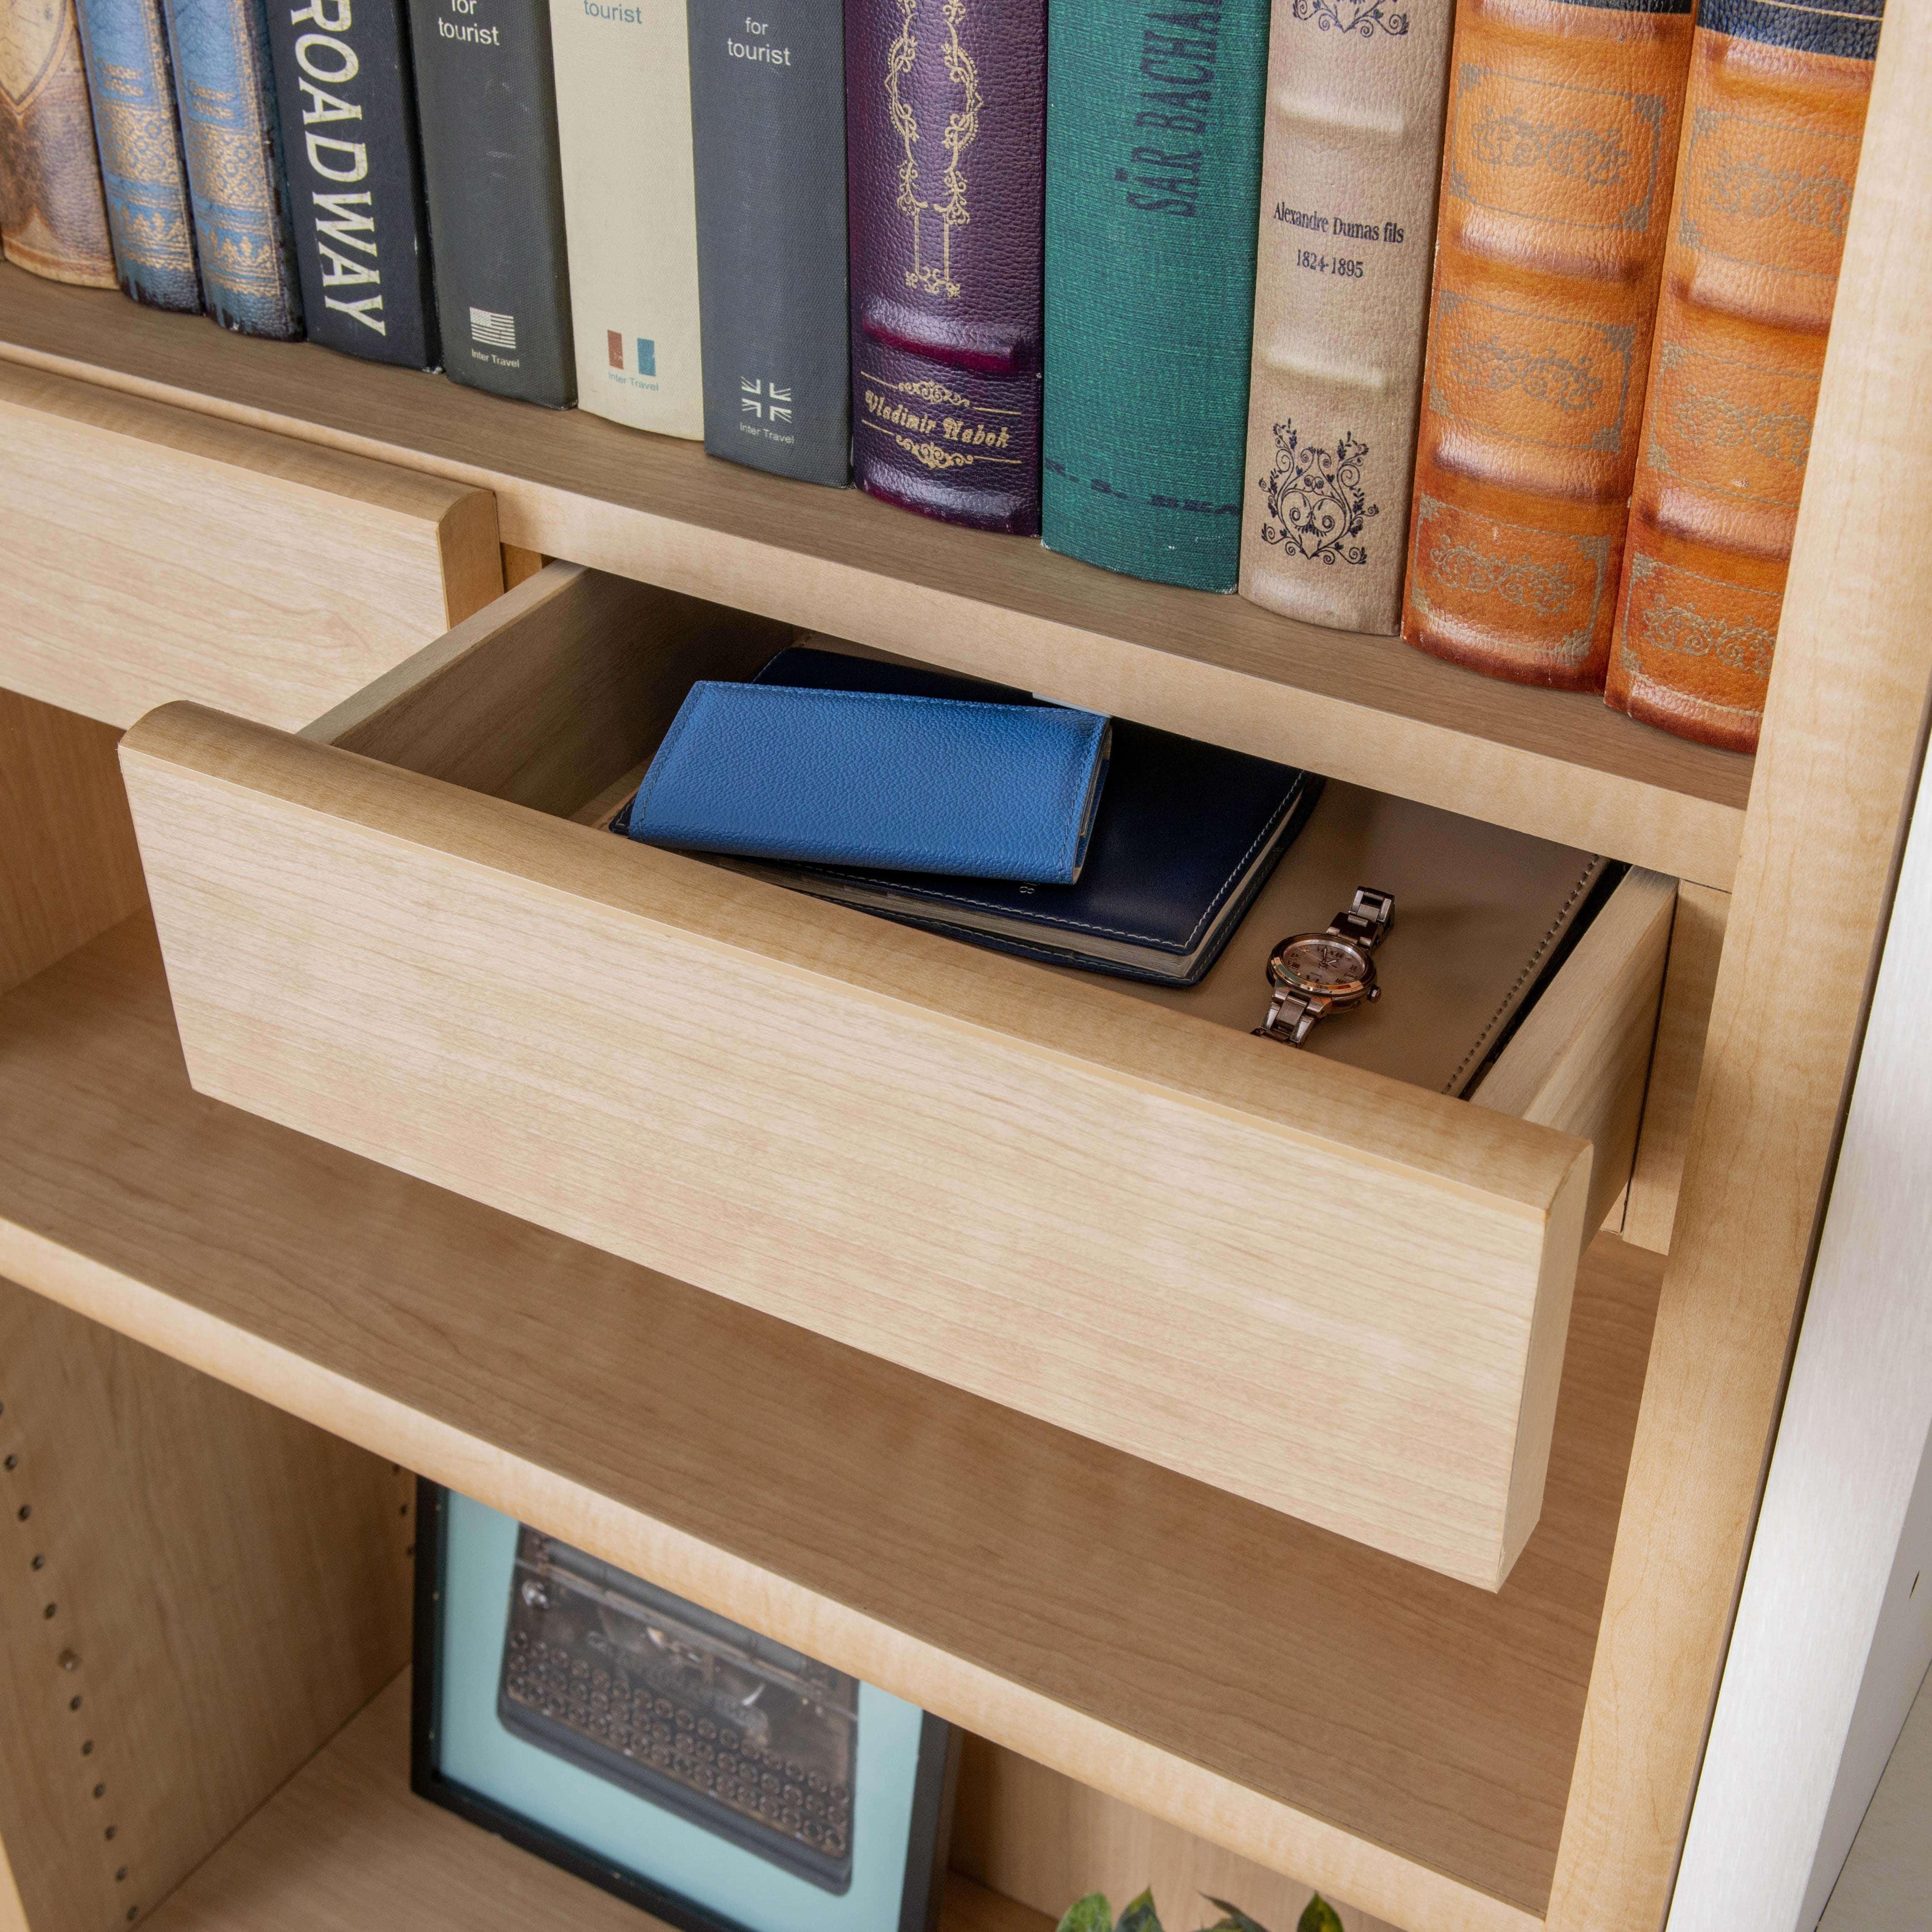 小島工芸 書棚 アコード55H(チェリーナチュラル):収納の幅を広げるオプション引き出し